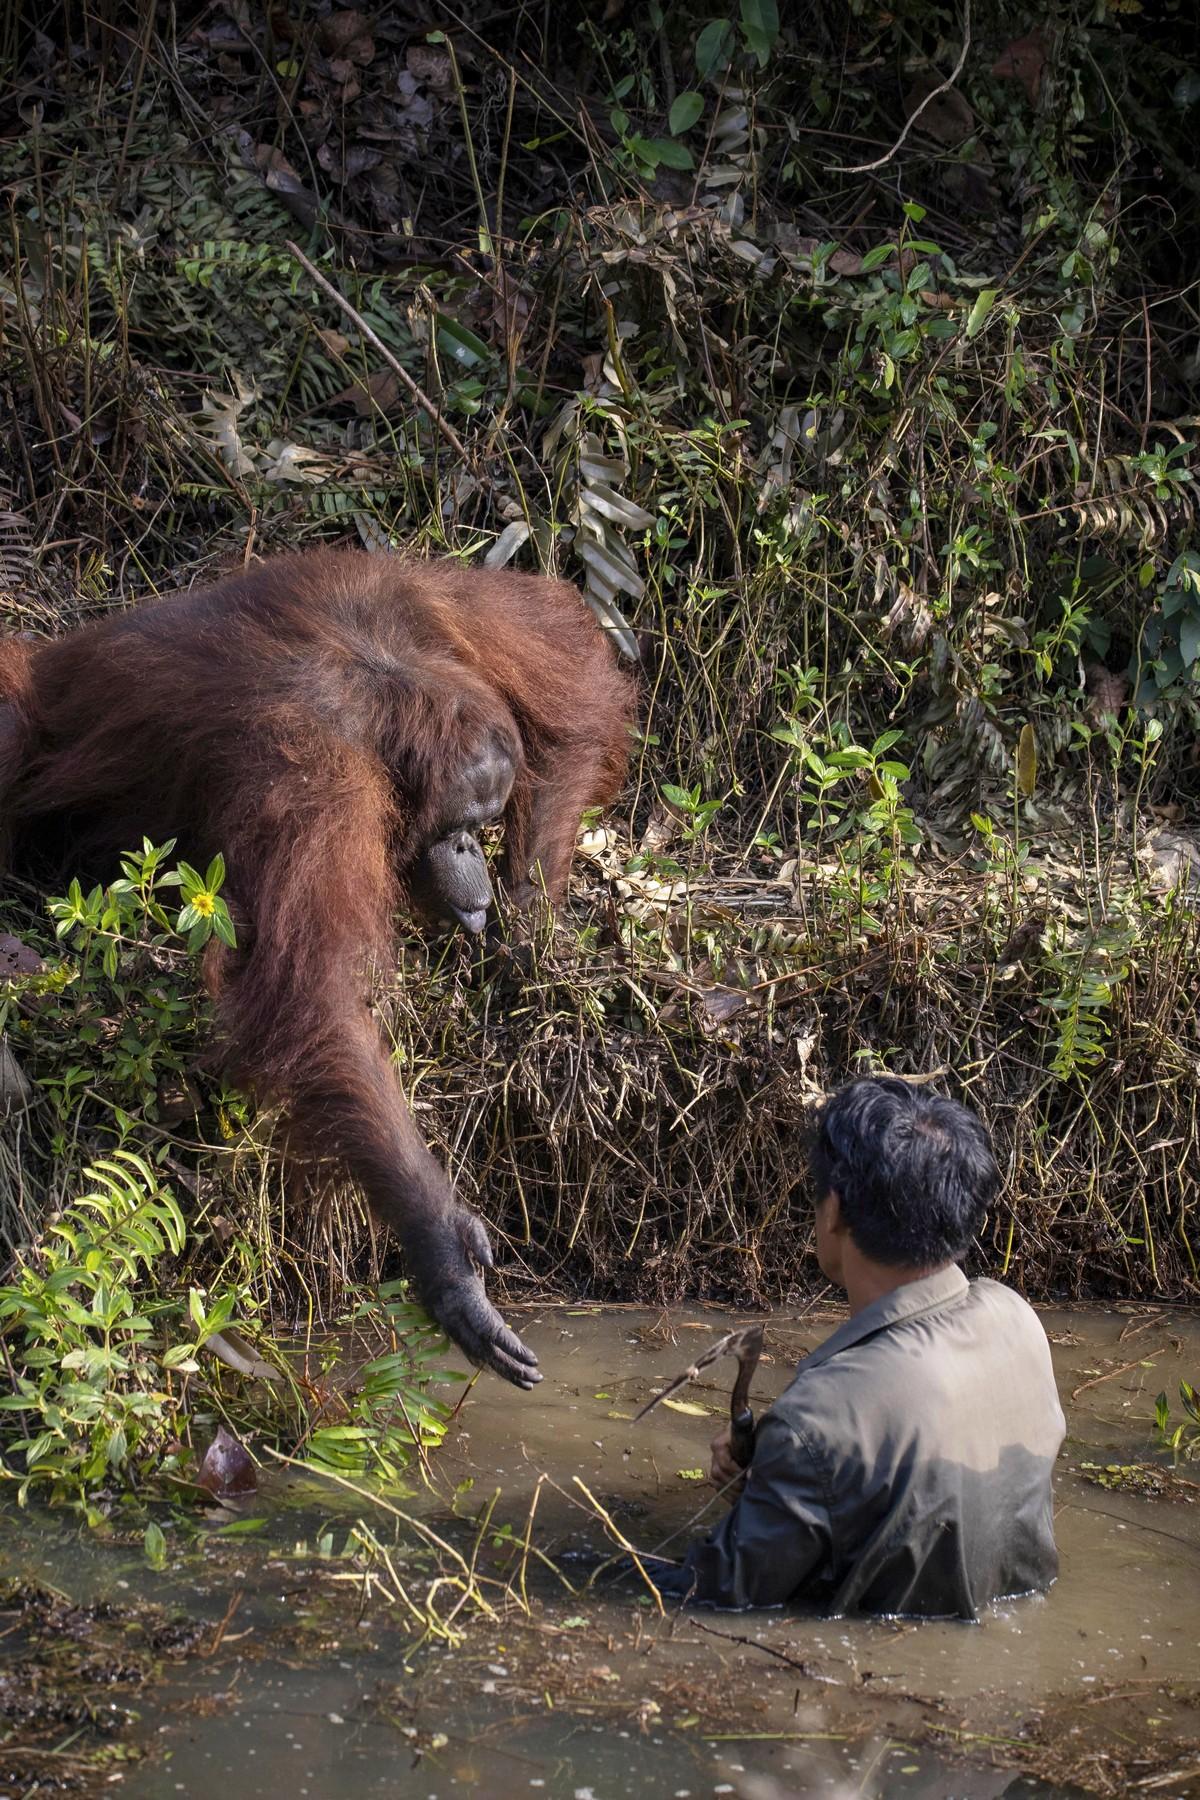 Орангутан пытался помочь стоявшему в воде мужчине